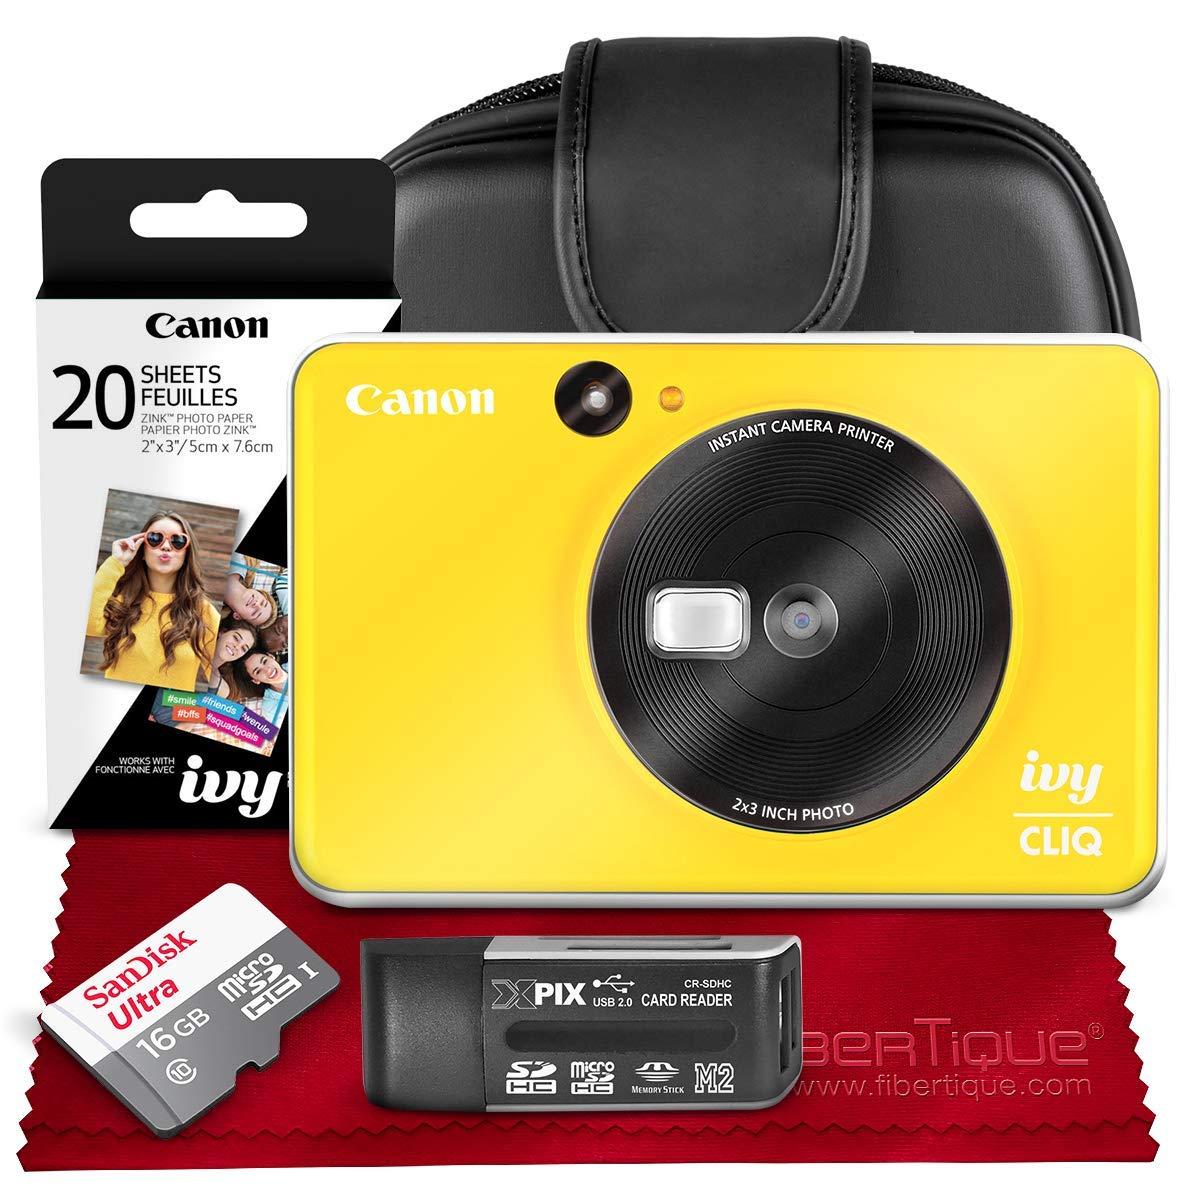 Canon Ivy CLIQ Impresora de cámara instantánea (Bumblebee ...